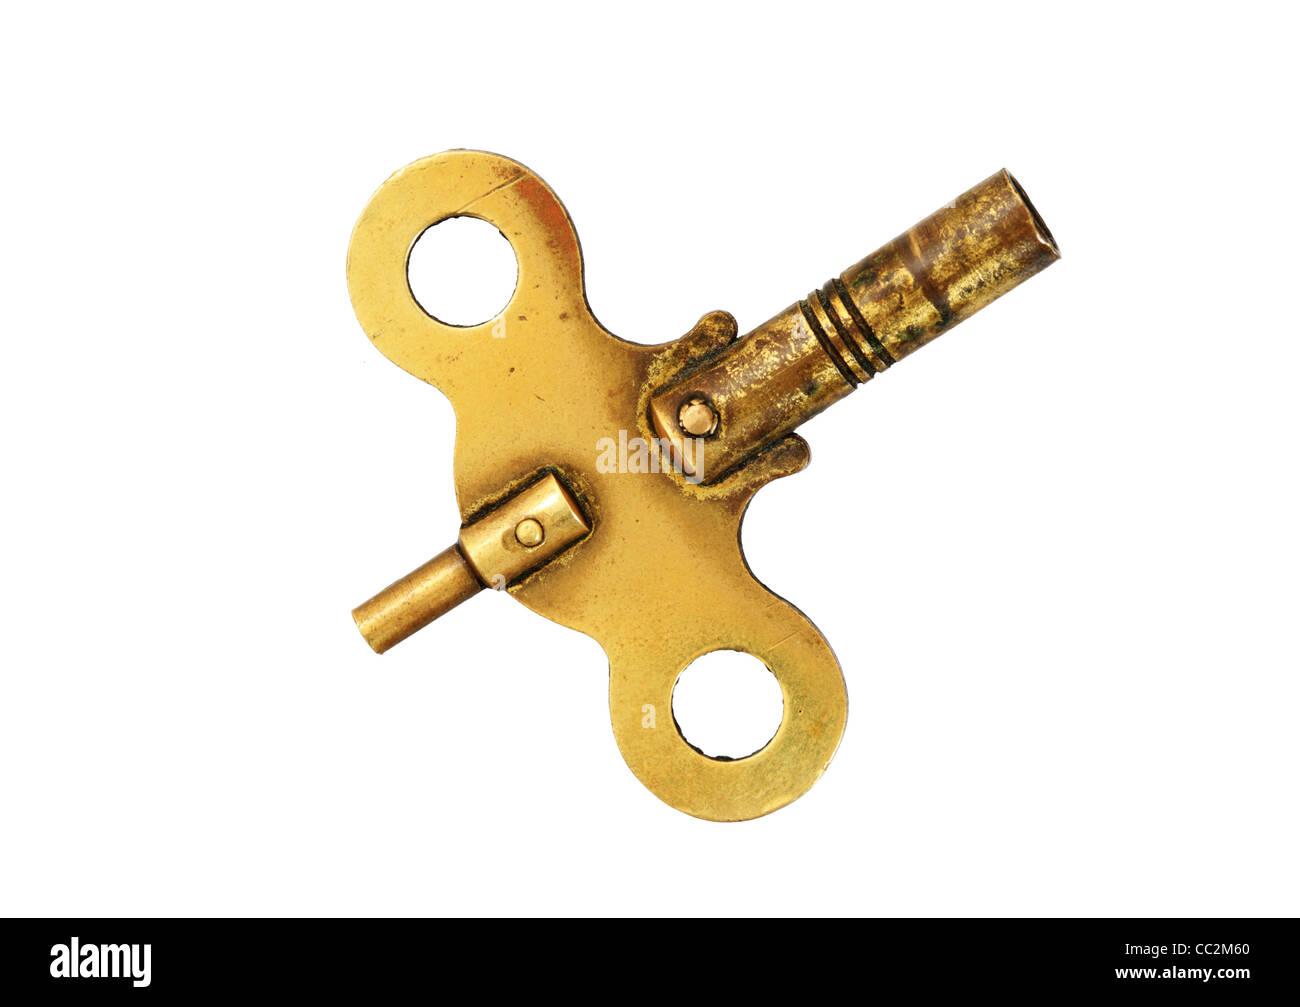 Messing antik Uhr Wicklung Schlüssel isoliert auf weißem Hintergrund Stockbild